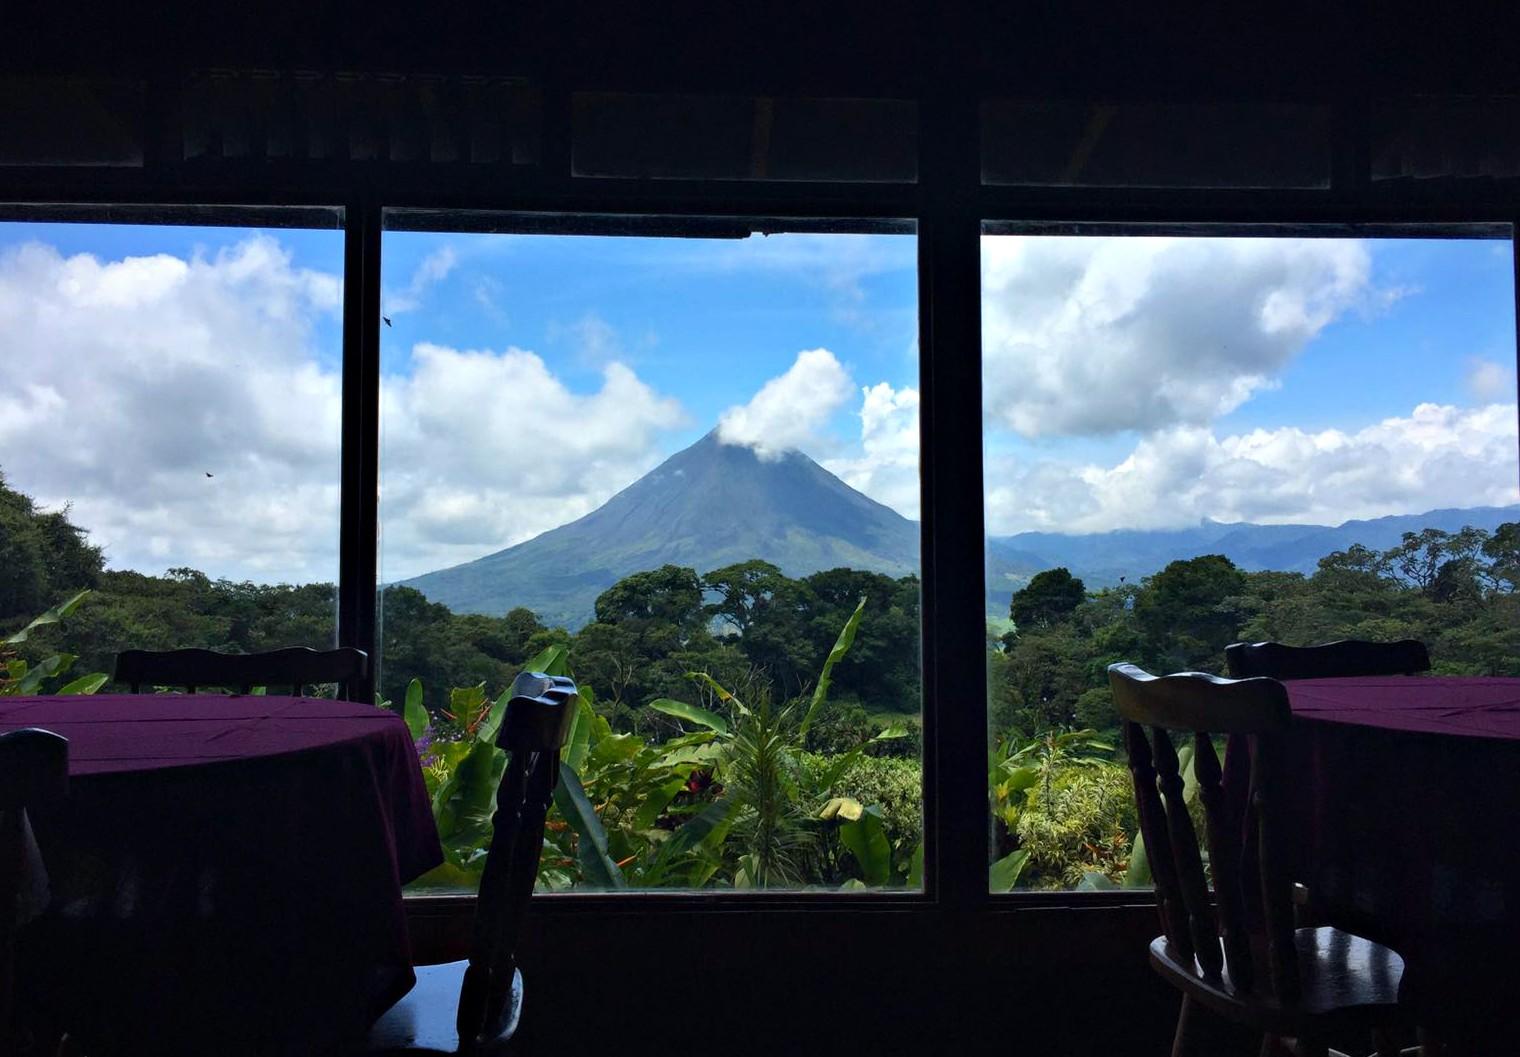 arenal_volcano_costarica.jpg